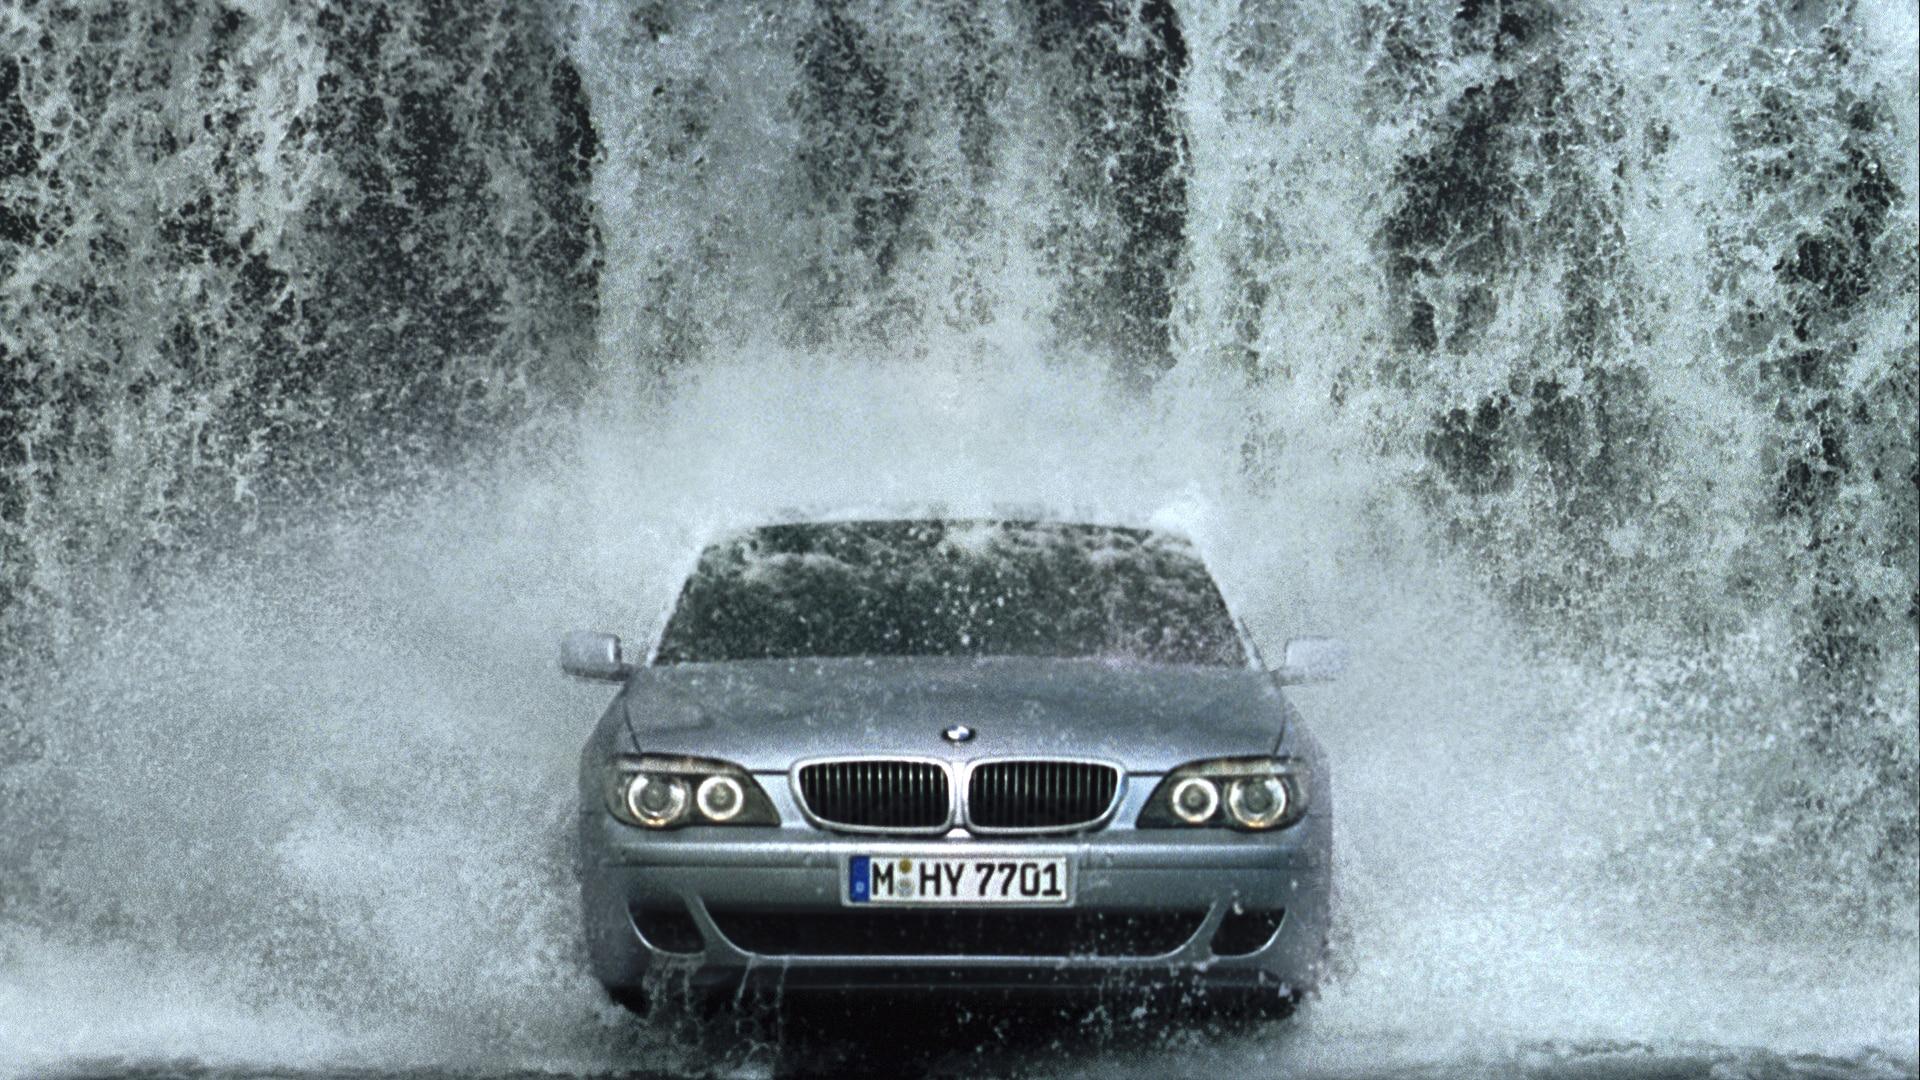 Automatic Car Wash Car Dry Clean Car Polish Waxing We